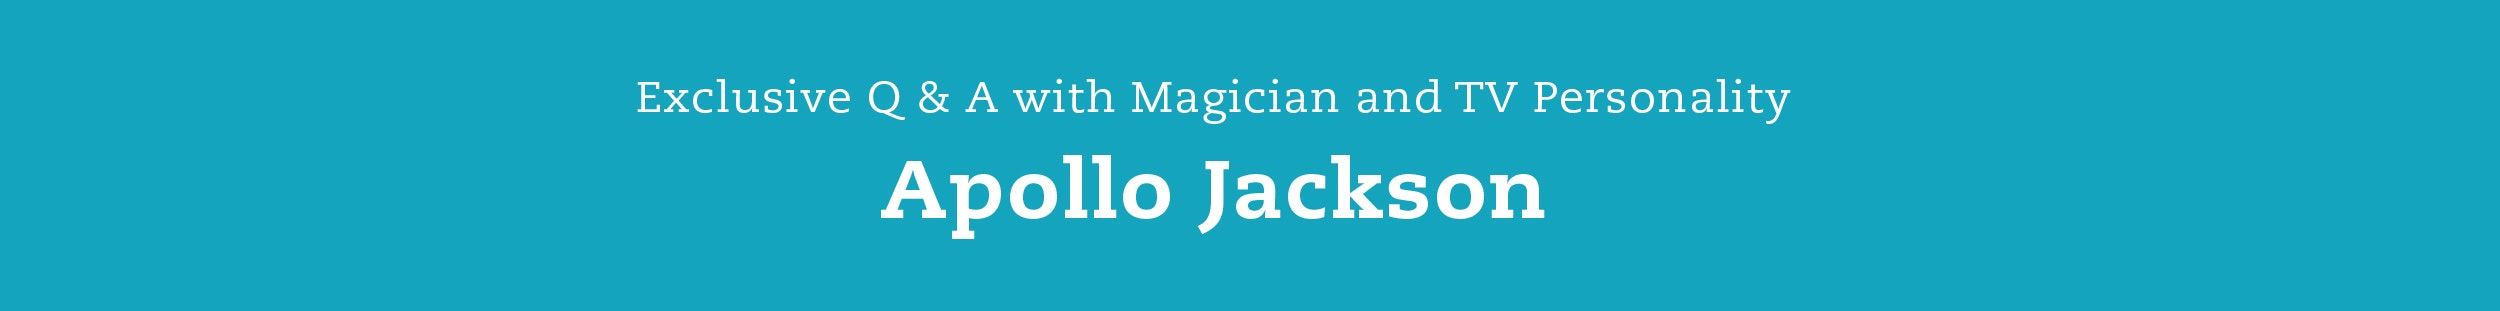 Apollo Jackson